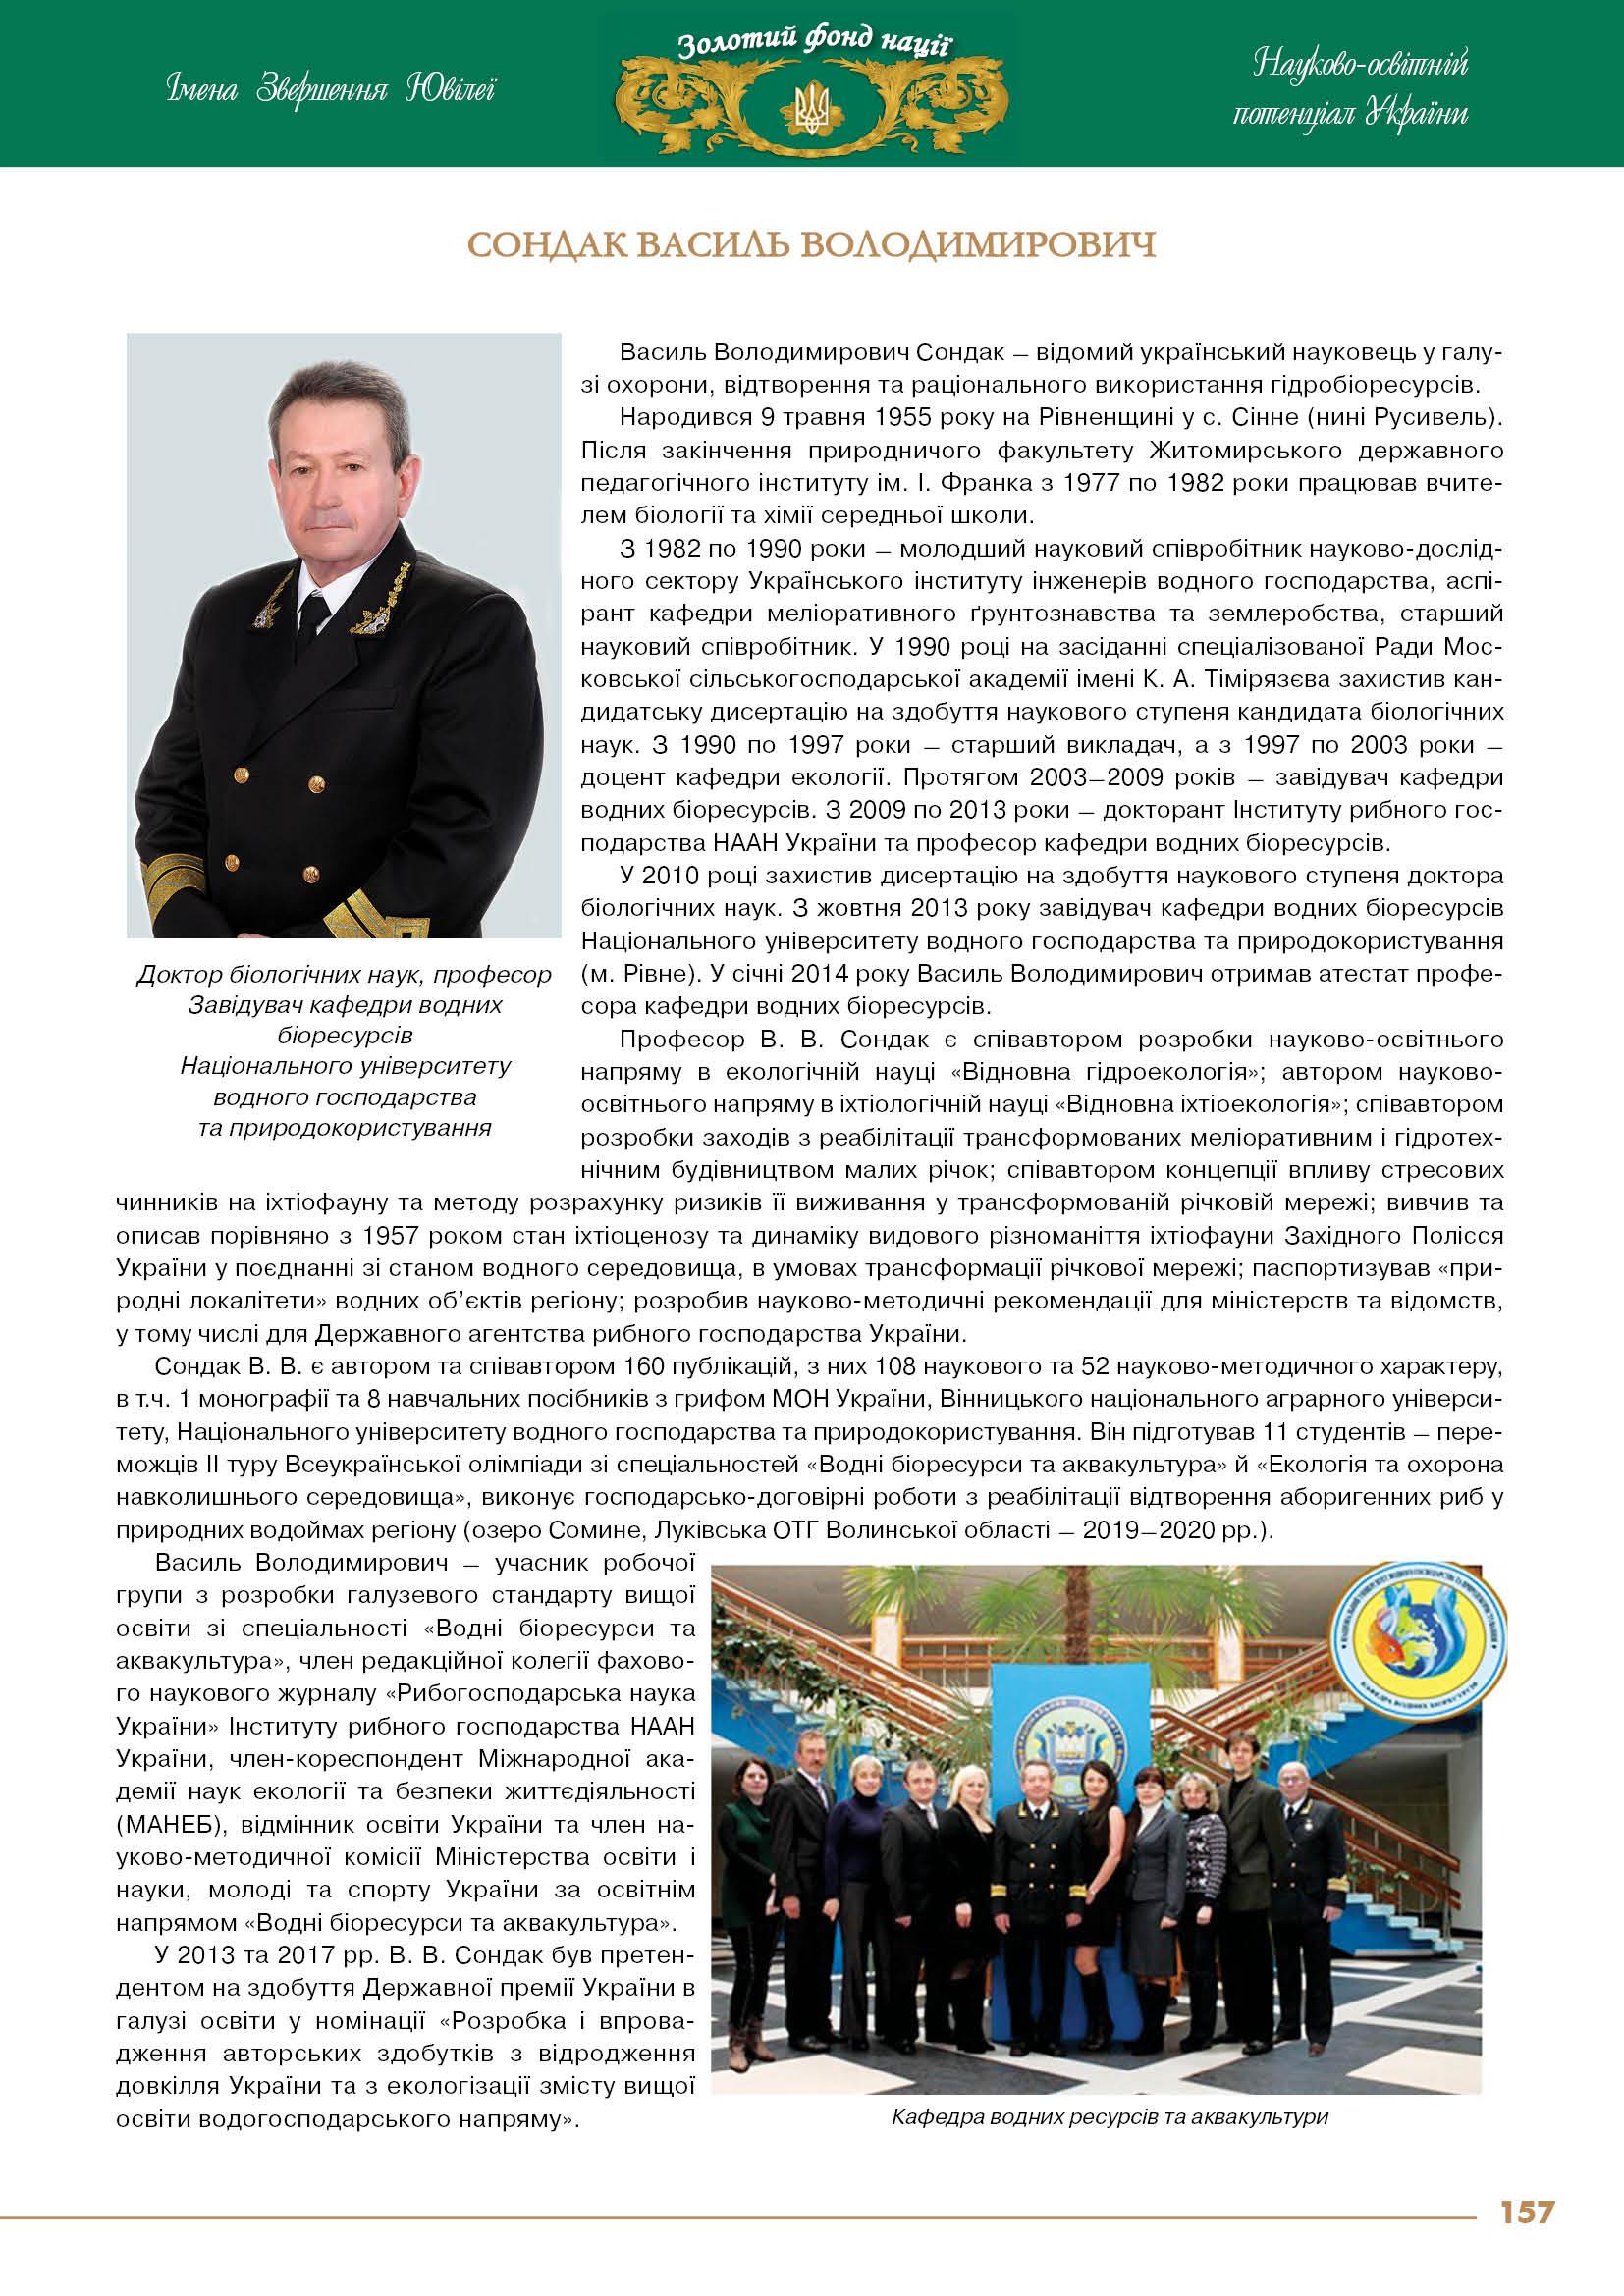 Сондак Василь Володимирович